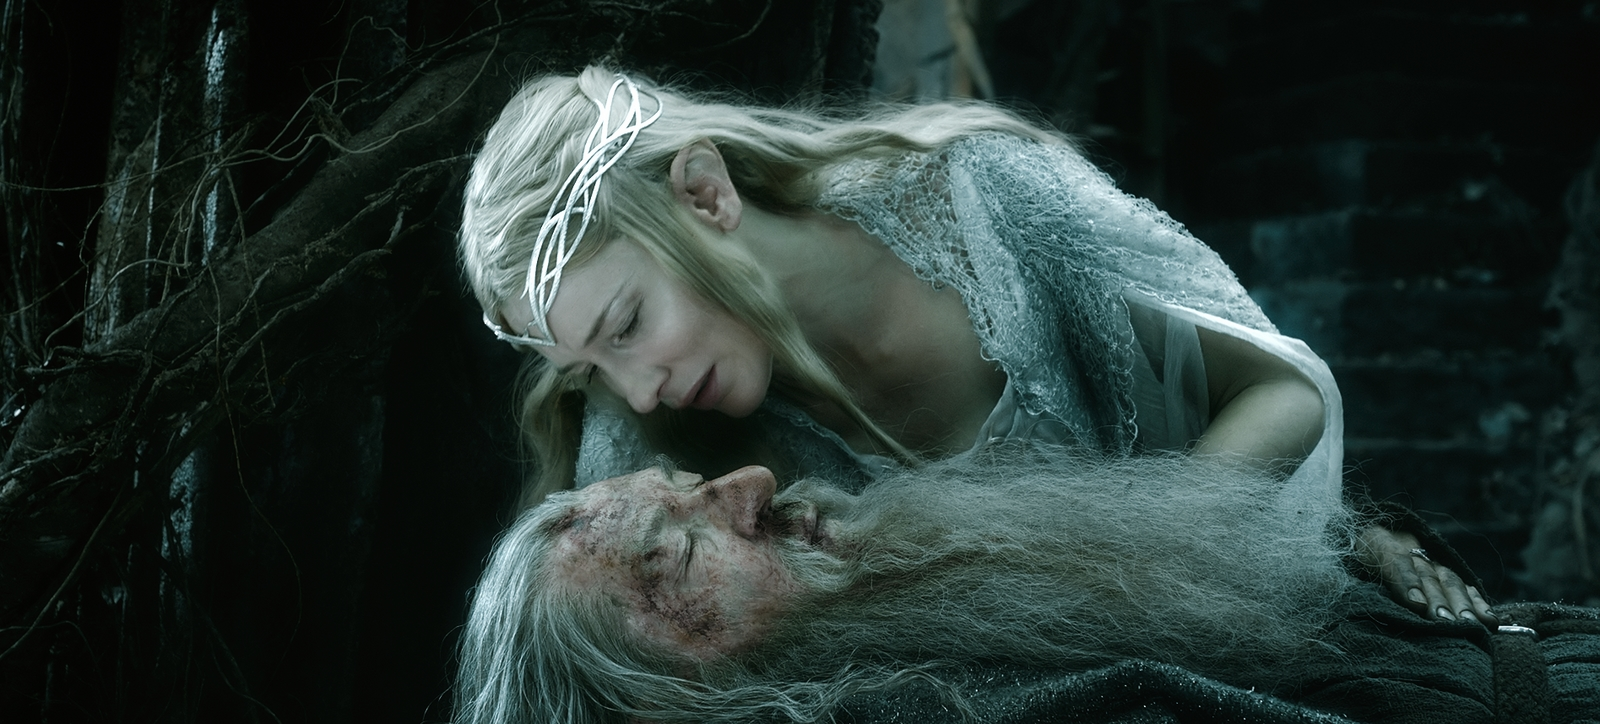 Le Hobbit la Bataille des Cinq Armées Film Streaming VF Regarder Online HD